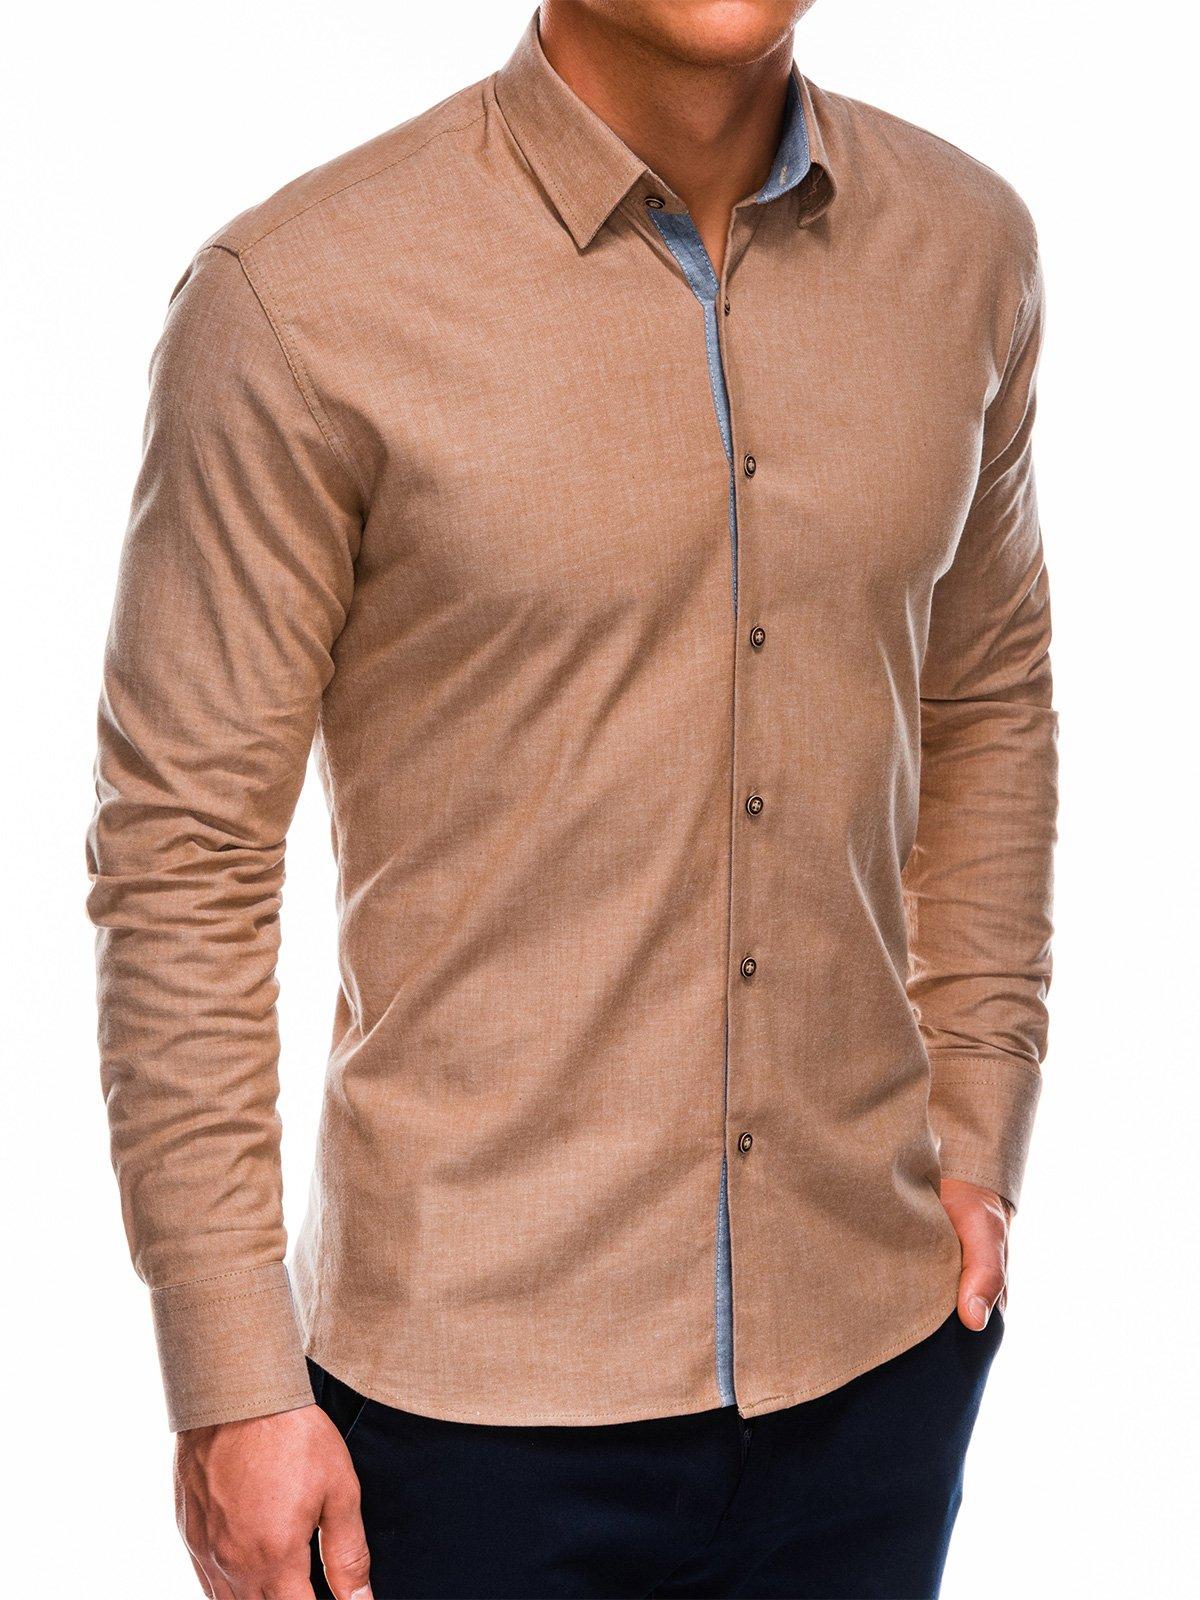 Купить Сорочка чоловіча з довгим рукавом K487 - руда, Ombre Clothing